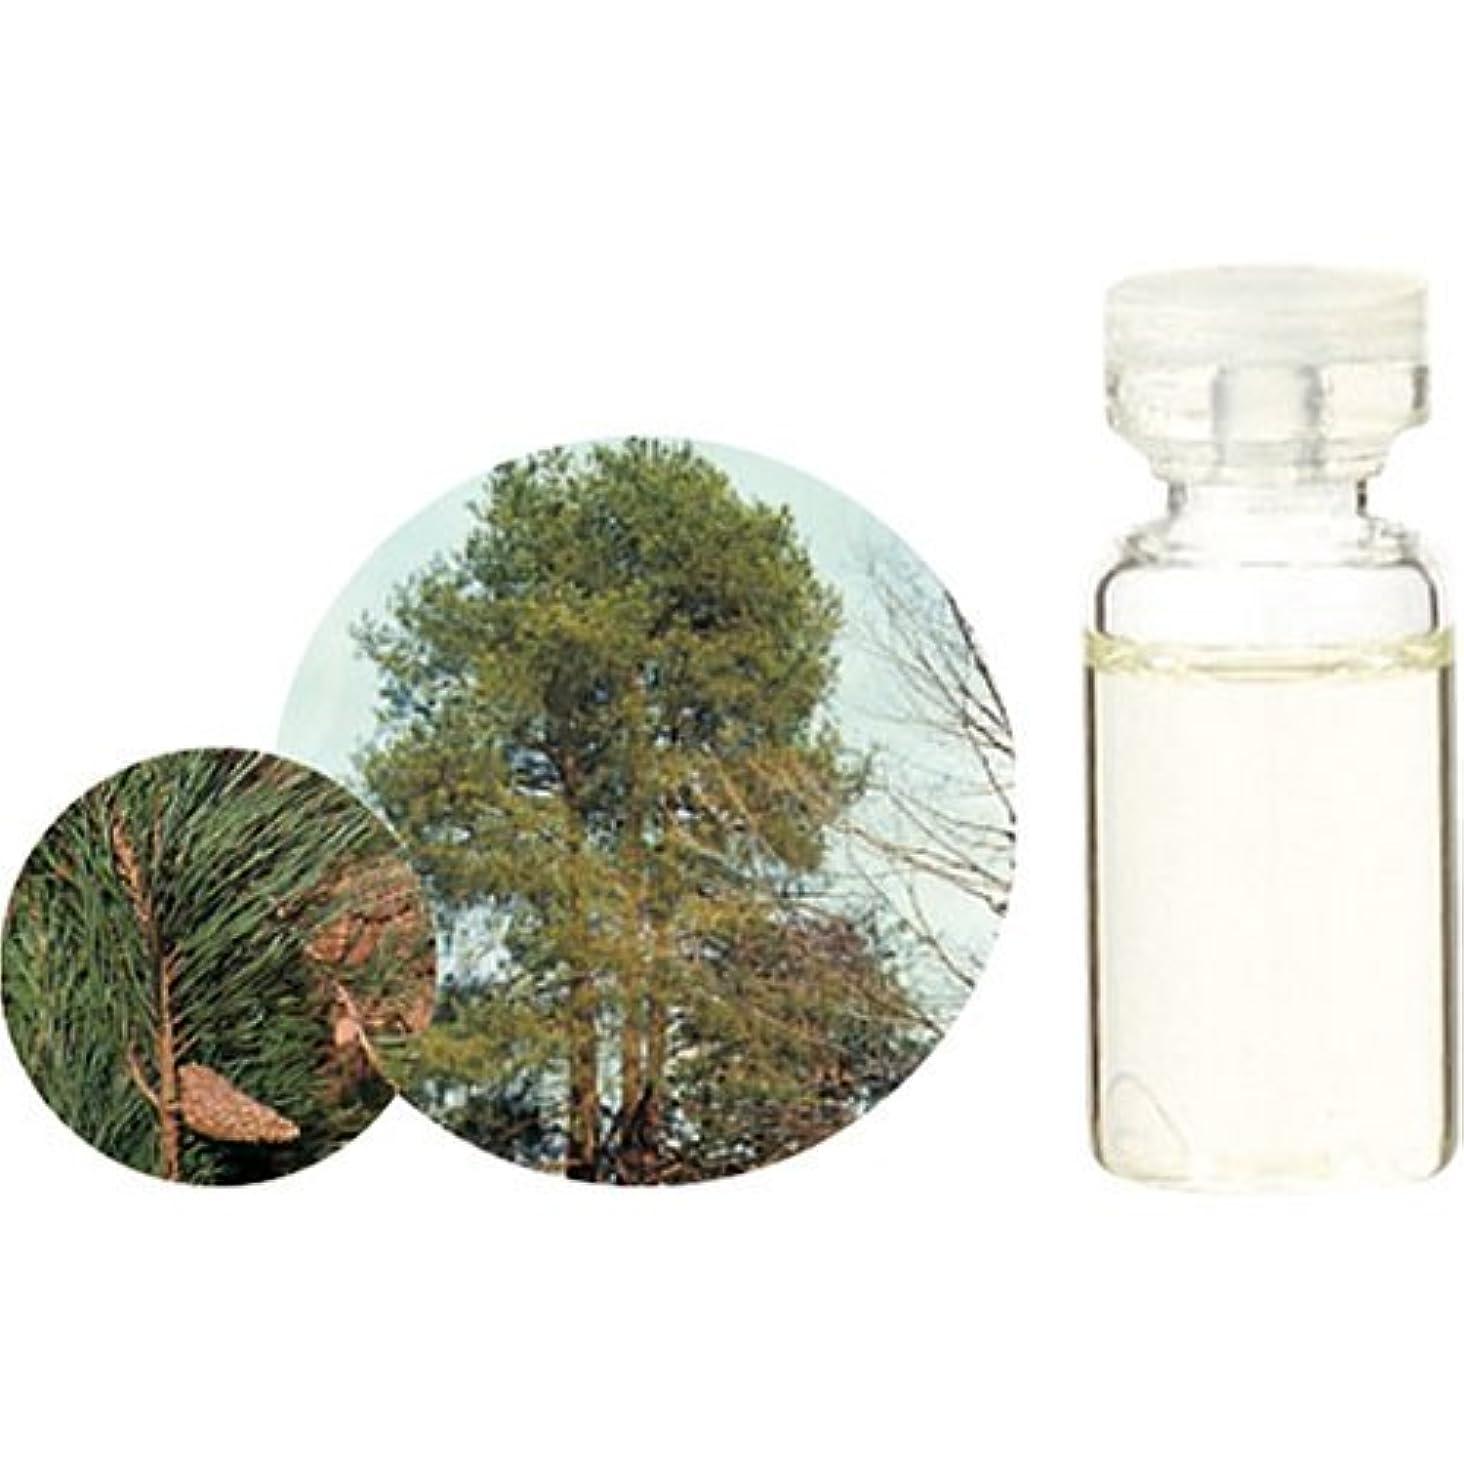 ジュニア別れるナイトスポット生活の木 C パイン エッセンシャルオイル 10ml